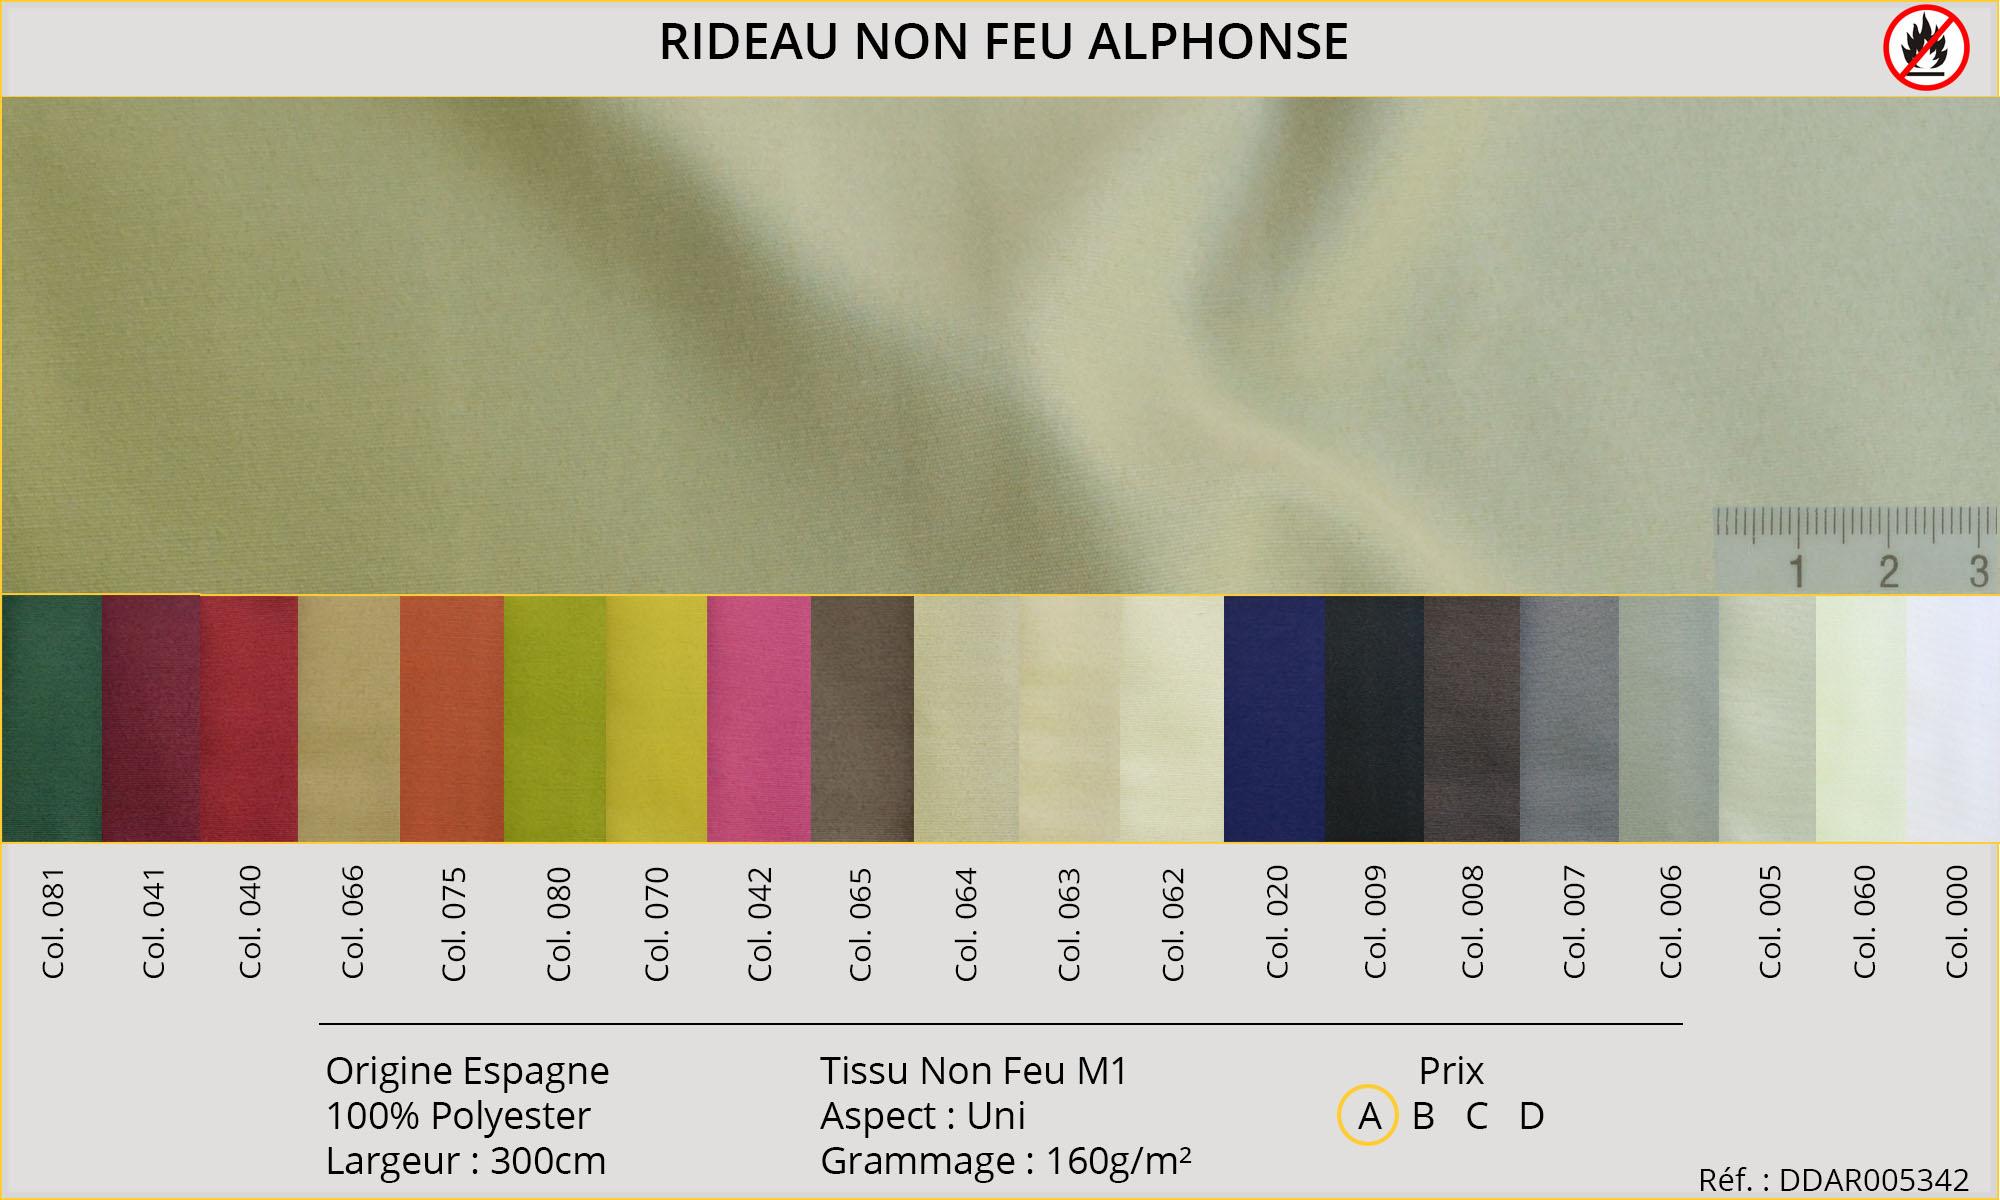 Rideaux-Hôtels certifiés Non Feu M1 Alphonse